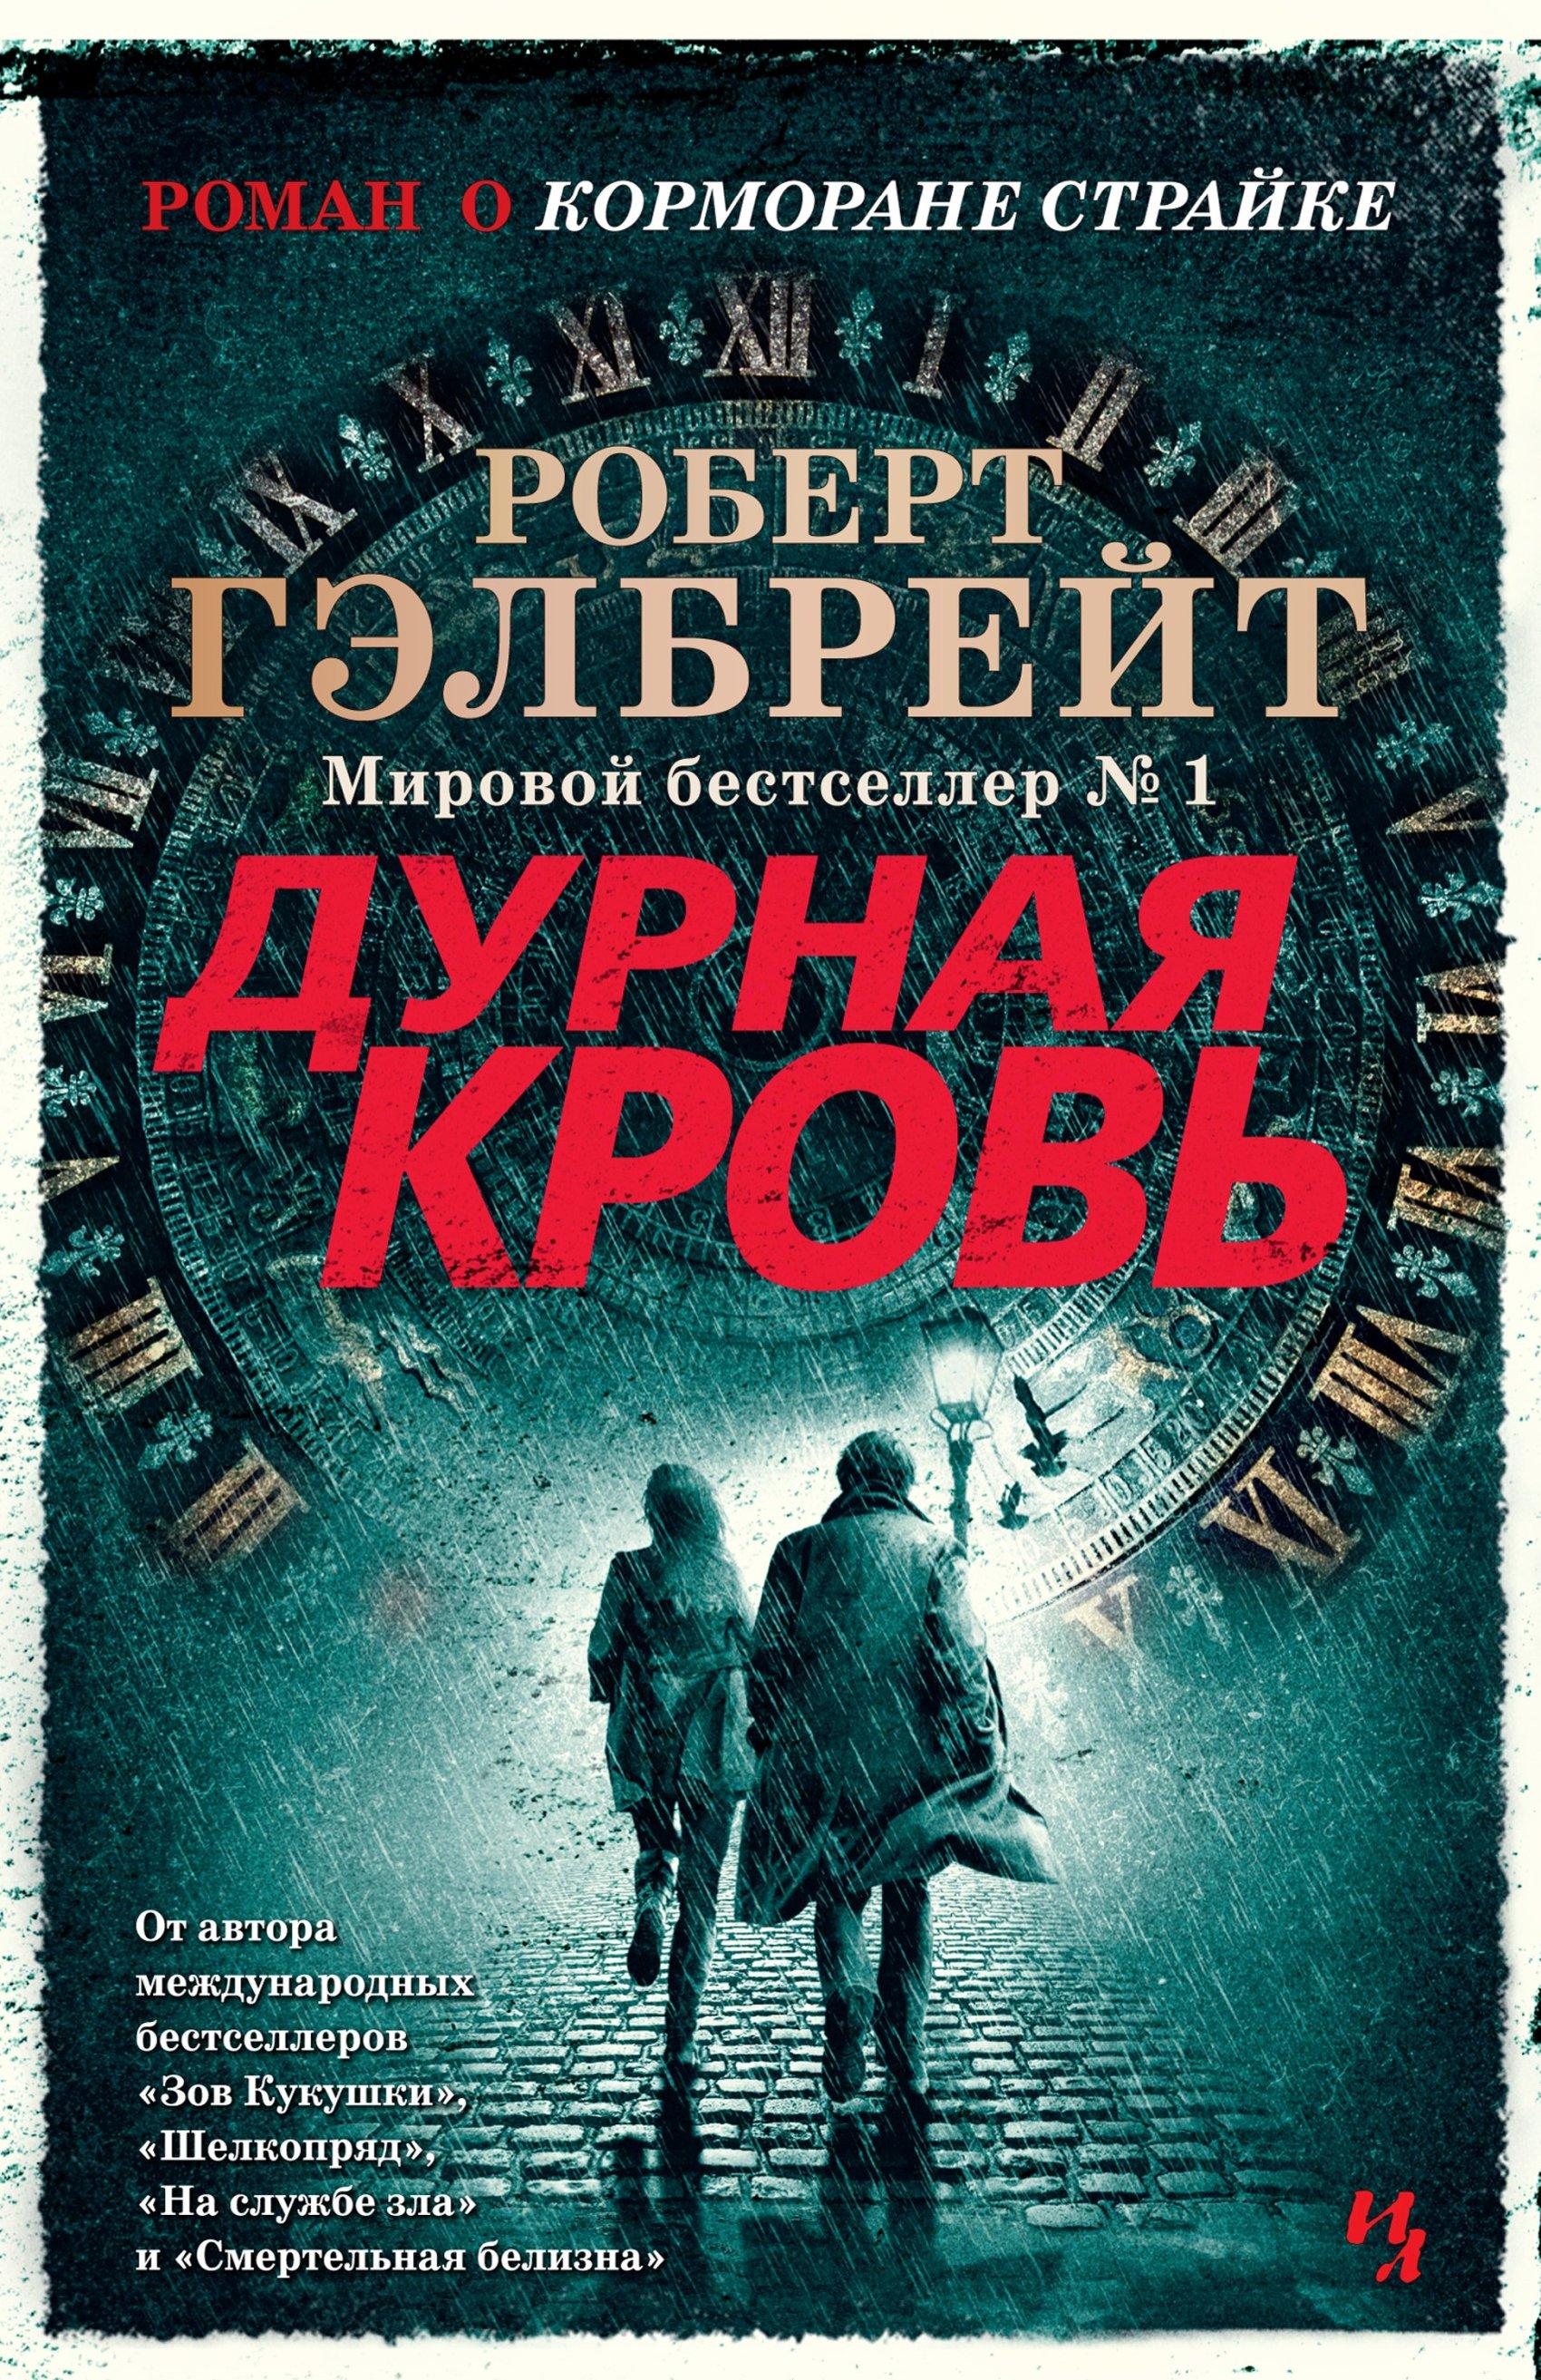 Купить книгу Дурная кровь, автора Роберт Гэлбрейт